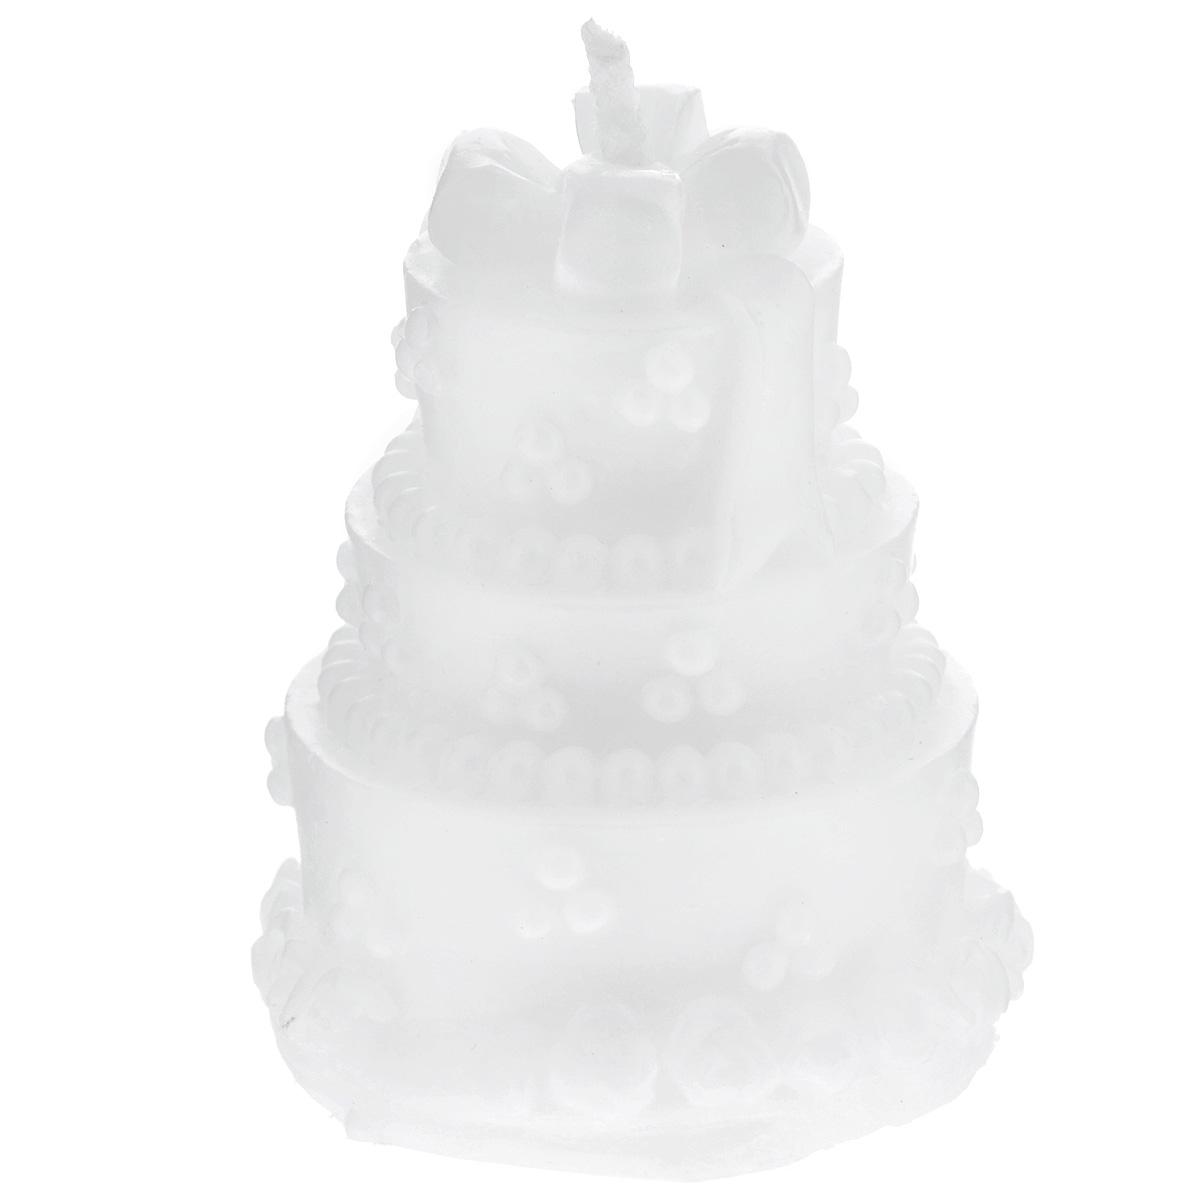 Свеча декоративная Феникс-презент, 5 х 5 х 6 см29276Декоративная свеча Феникс-презент, изготовленная из парафинового воска и выполненная в виде трехэтажного белого торта, украсит интерьер вашего дома или офиса. Вы можете поставить свечу в любом месте, где она будет удачно смотреться и радовать глаз. Кроме того, эта свеча - отличный вариант подарка для ваших близких и друзей. Размер свечи: 5 см х 5 см х 6 см.